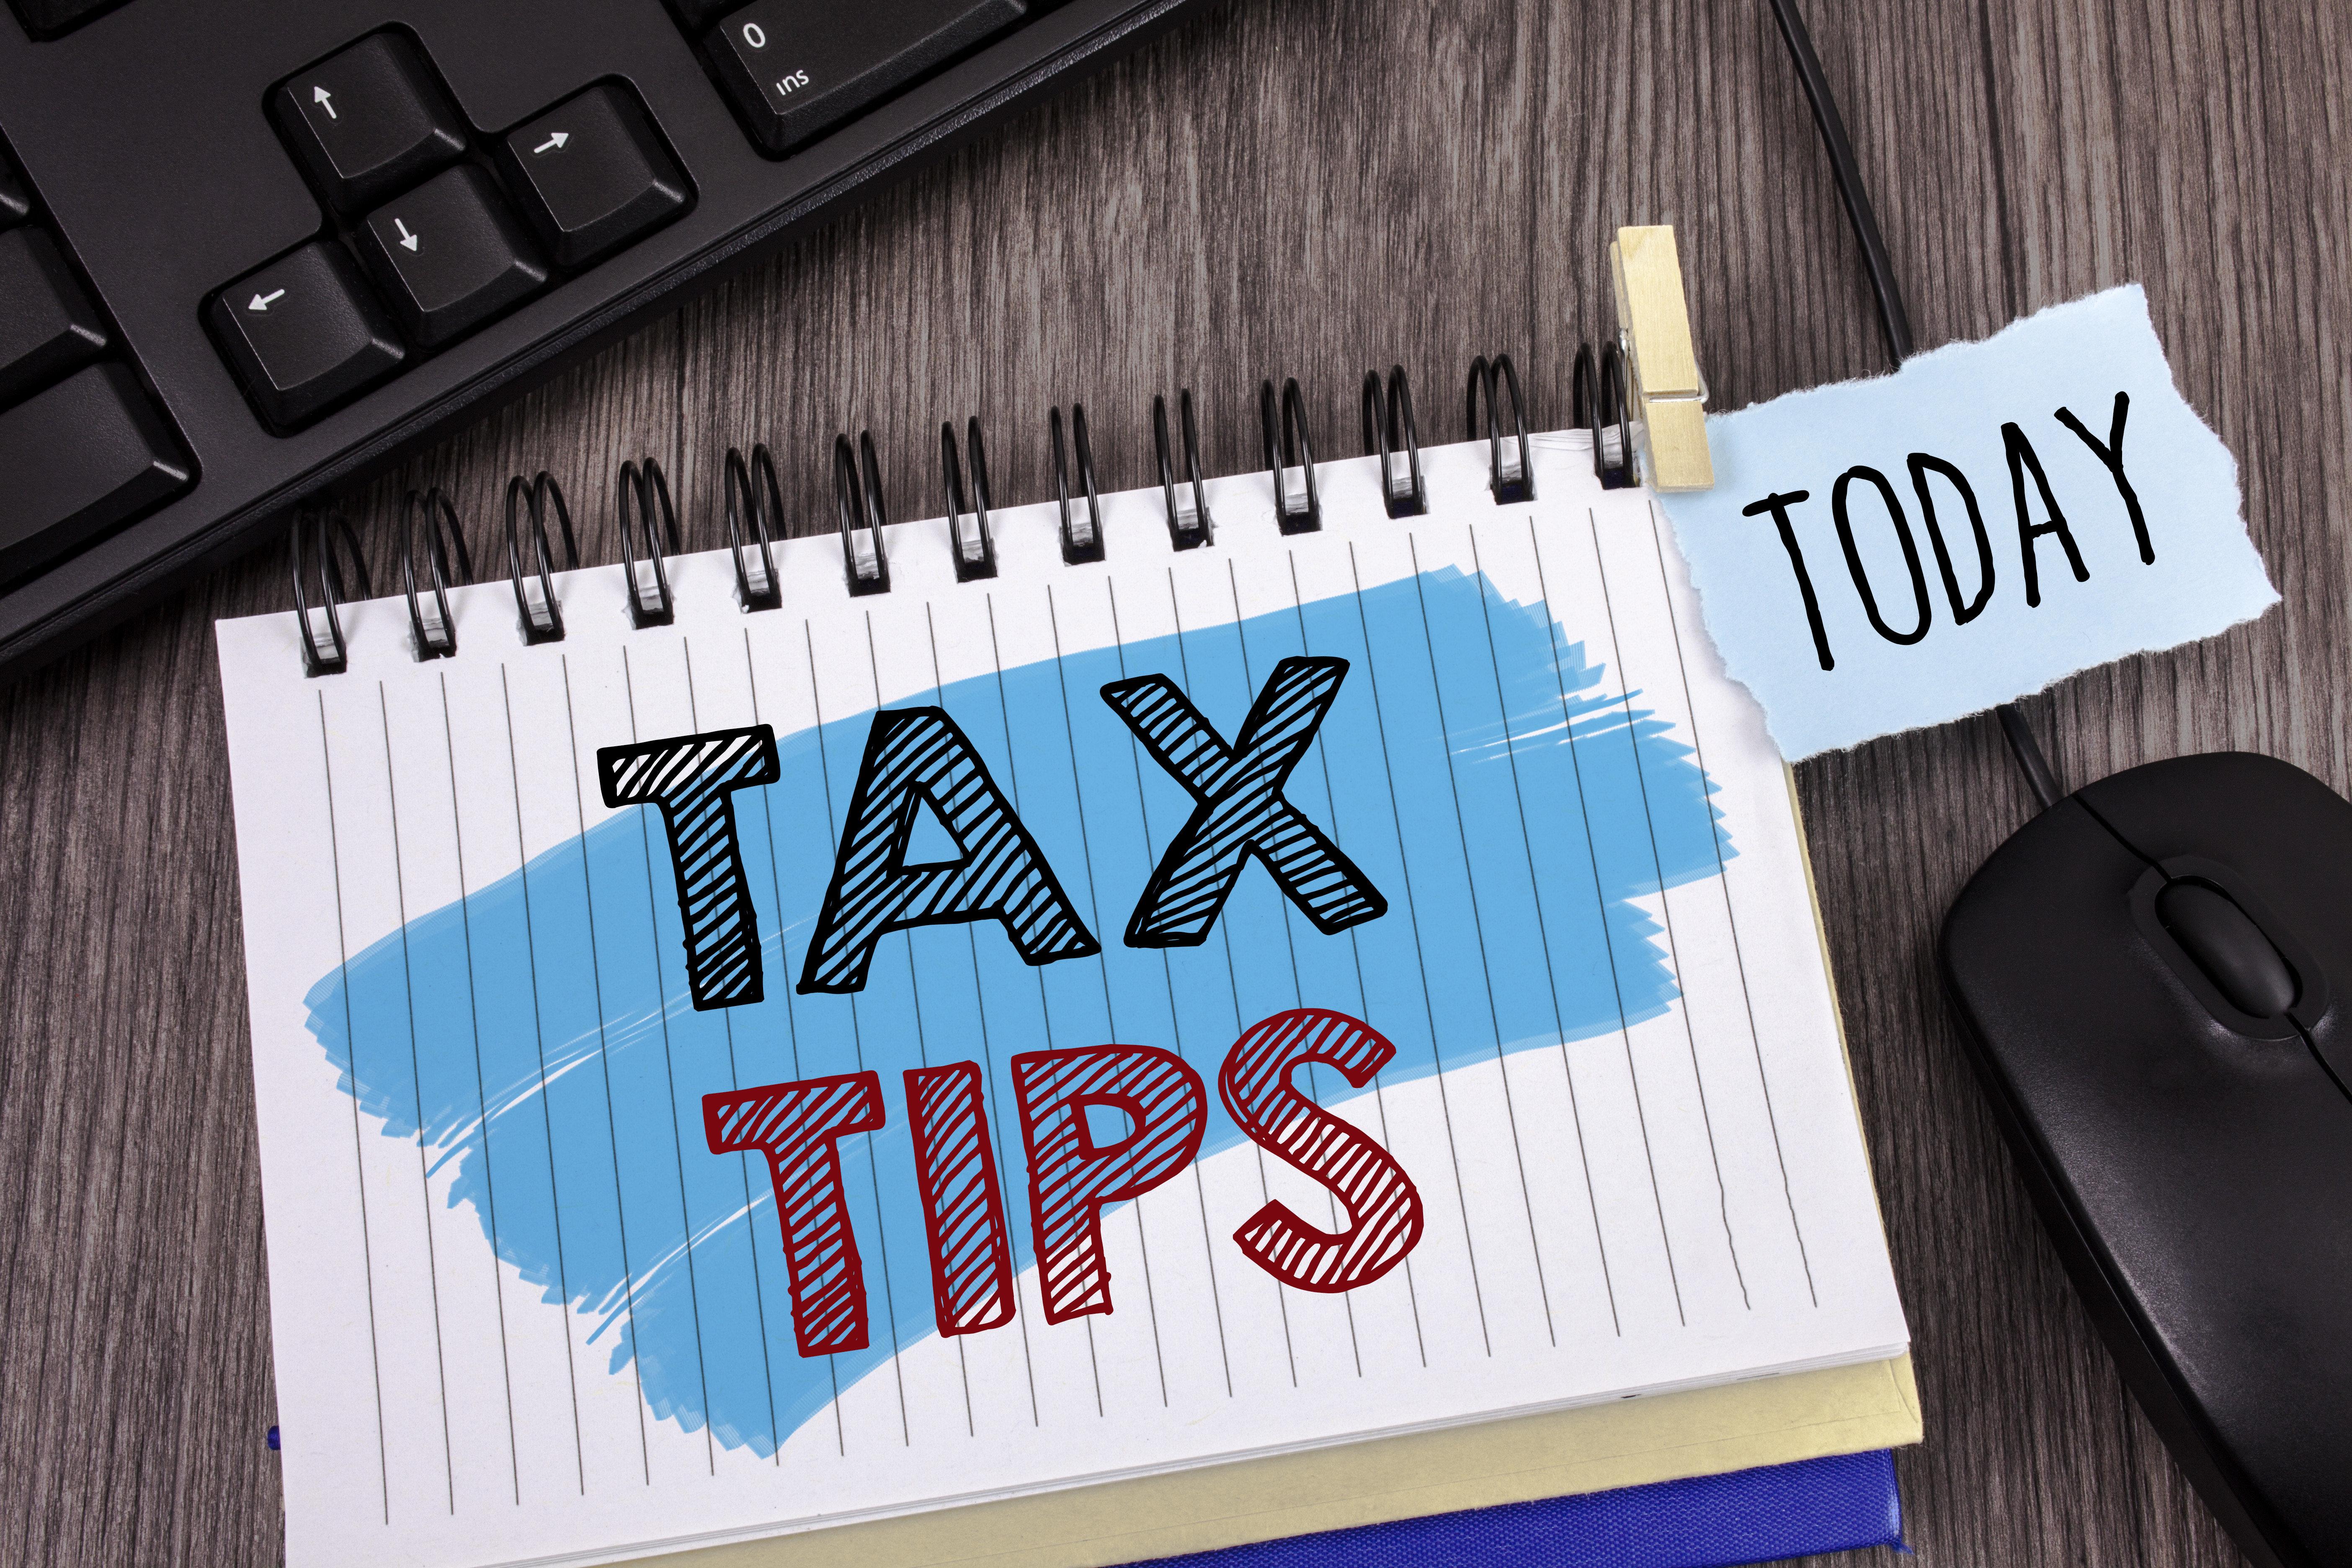 Φορολογικές δηλώσεις: Τι πρέπει να προσέξουμε στους προσυμπληρωμένους